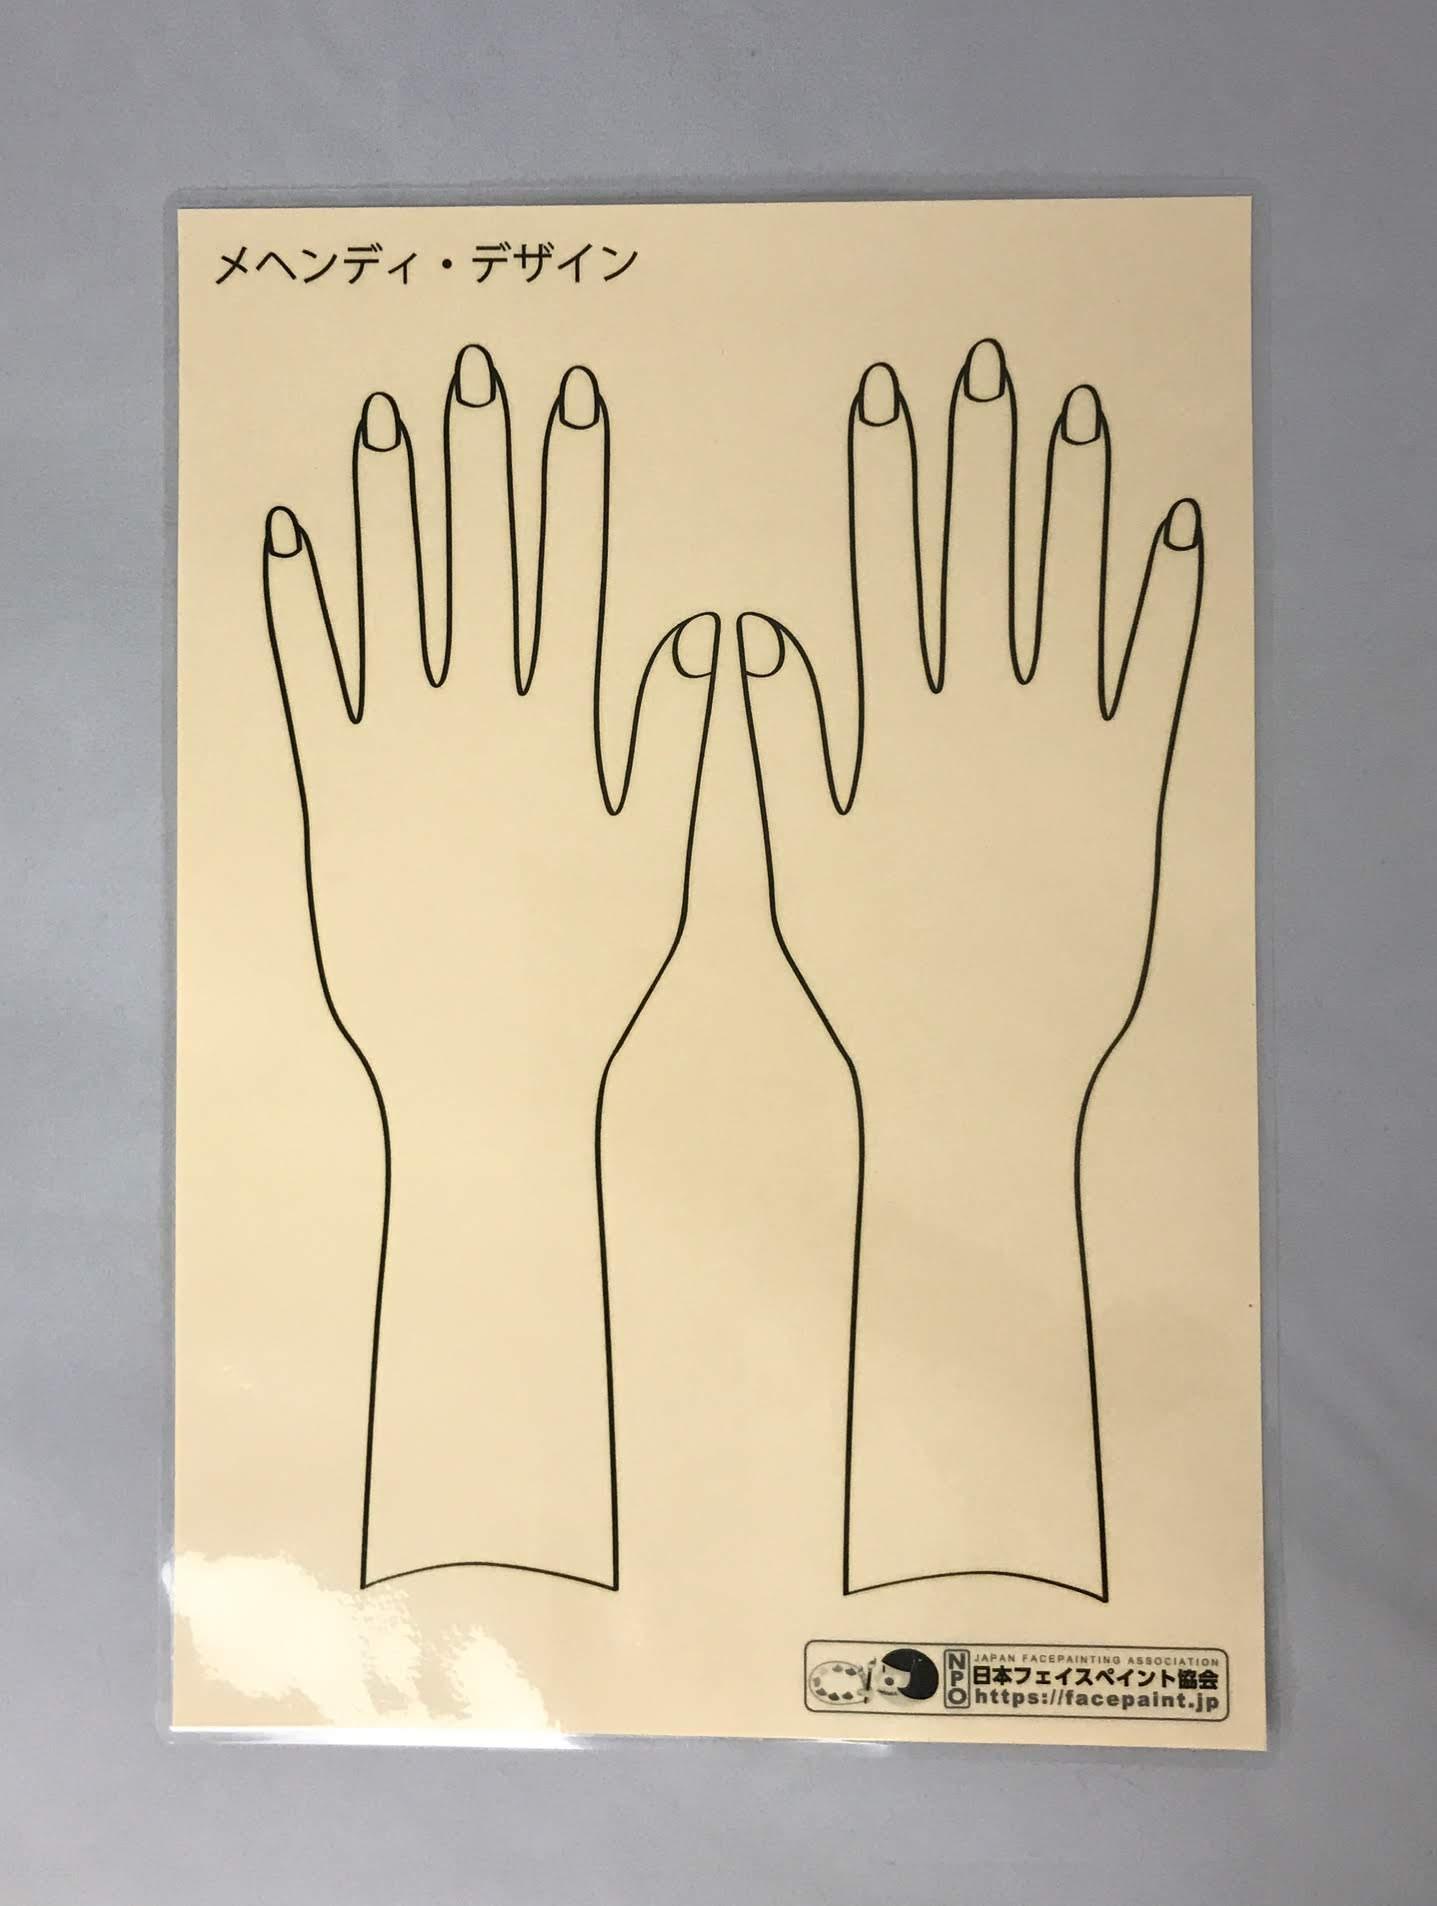 メヘンディヘナアートセミナー用プラクティスシートの画像